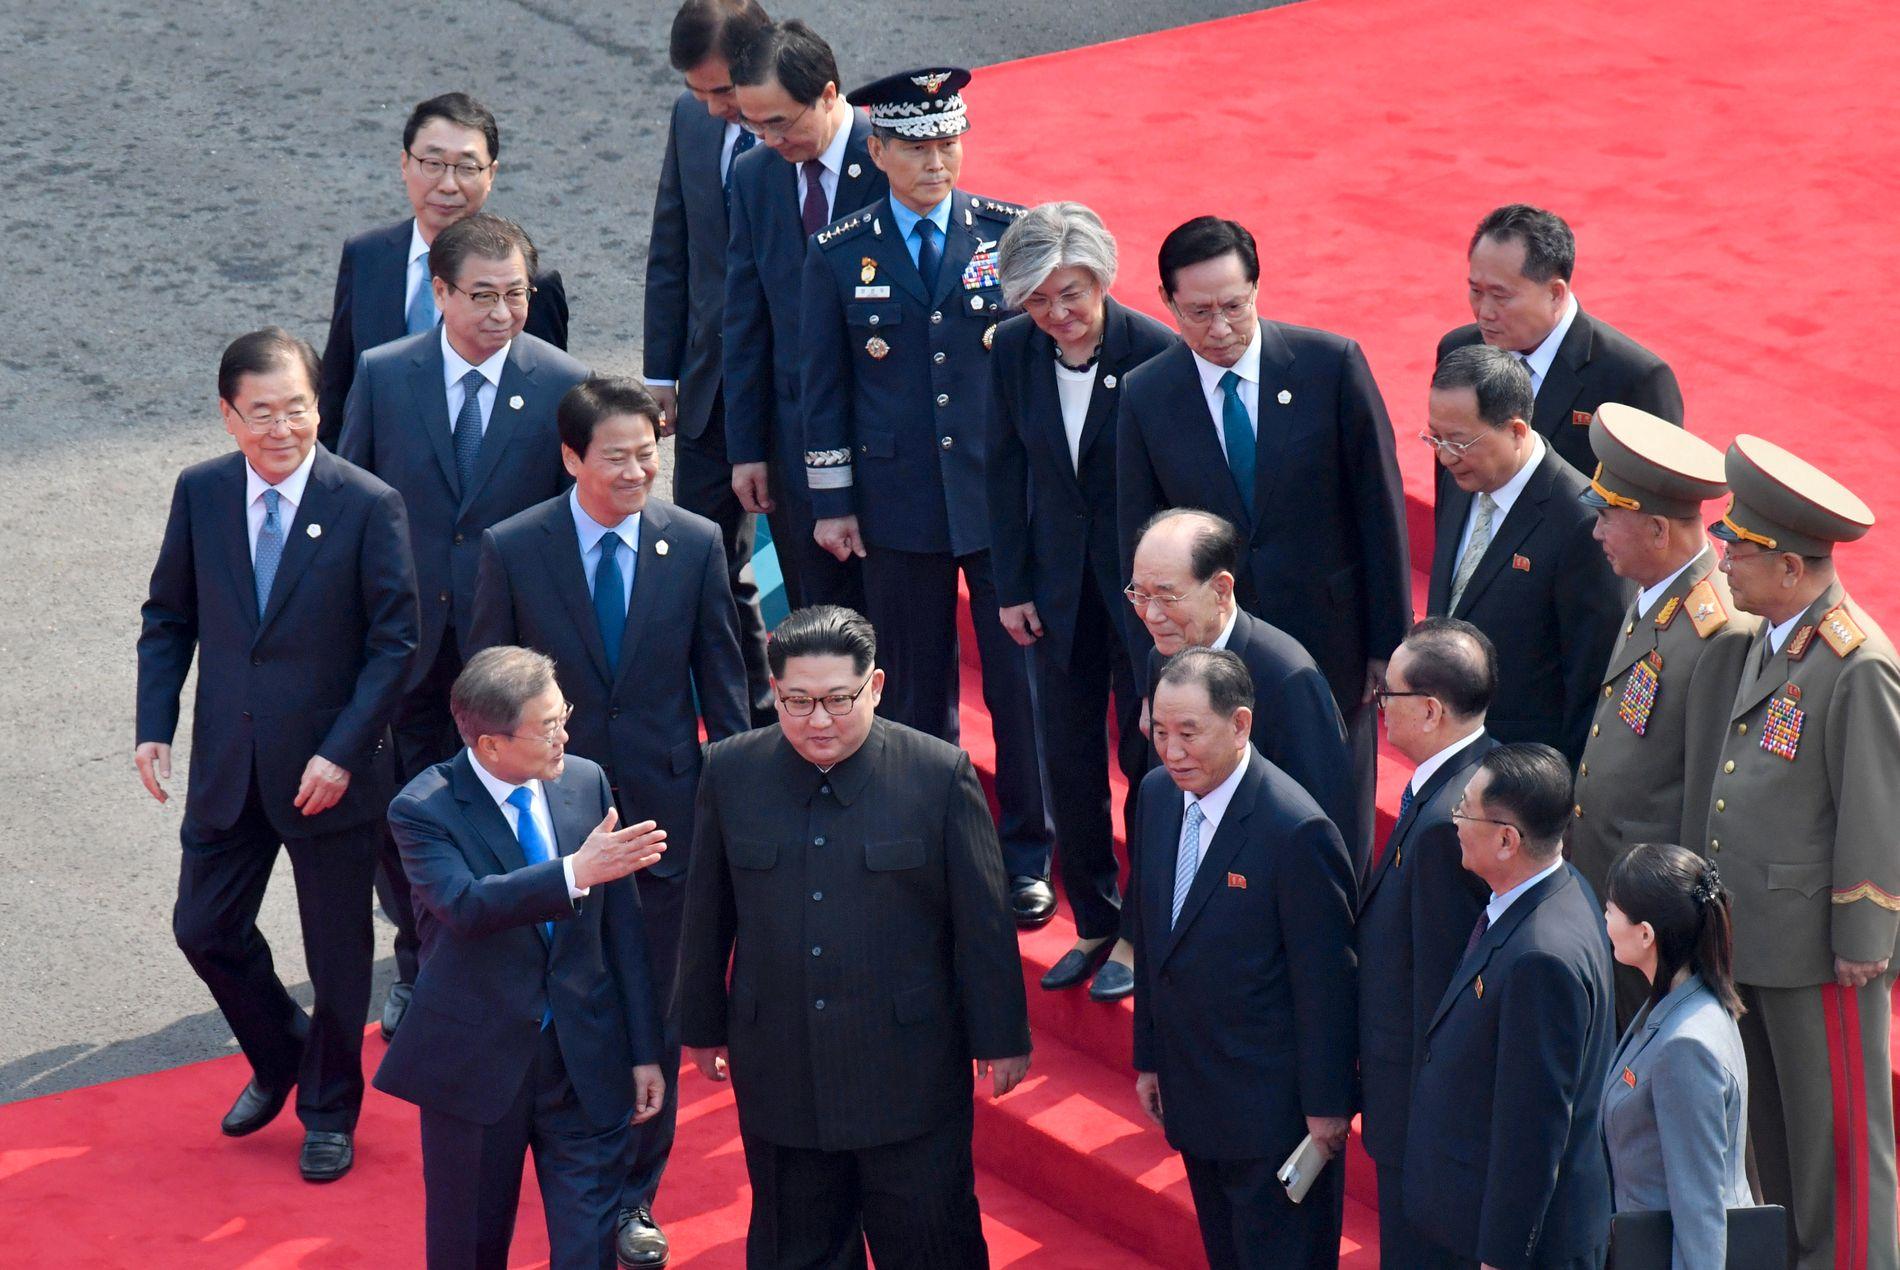 FØRSTE MØTE: Fredagens møte er første gang Kim og Moon møtes, samtidig som det er det første toppmøtet mellom nord og sør på 11 år.